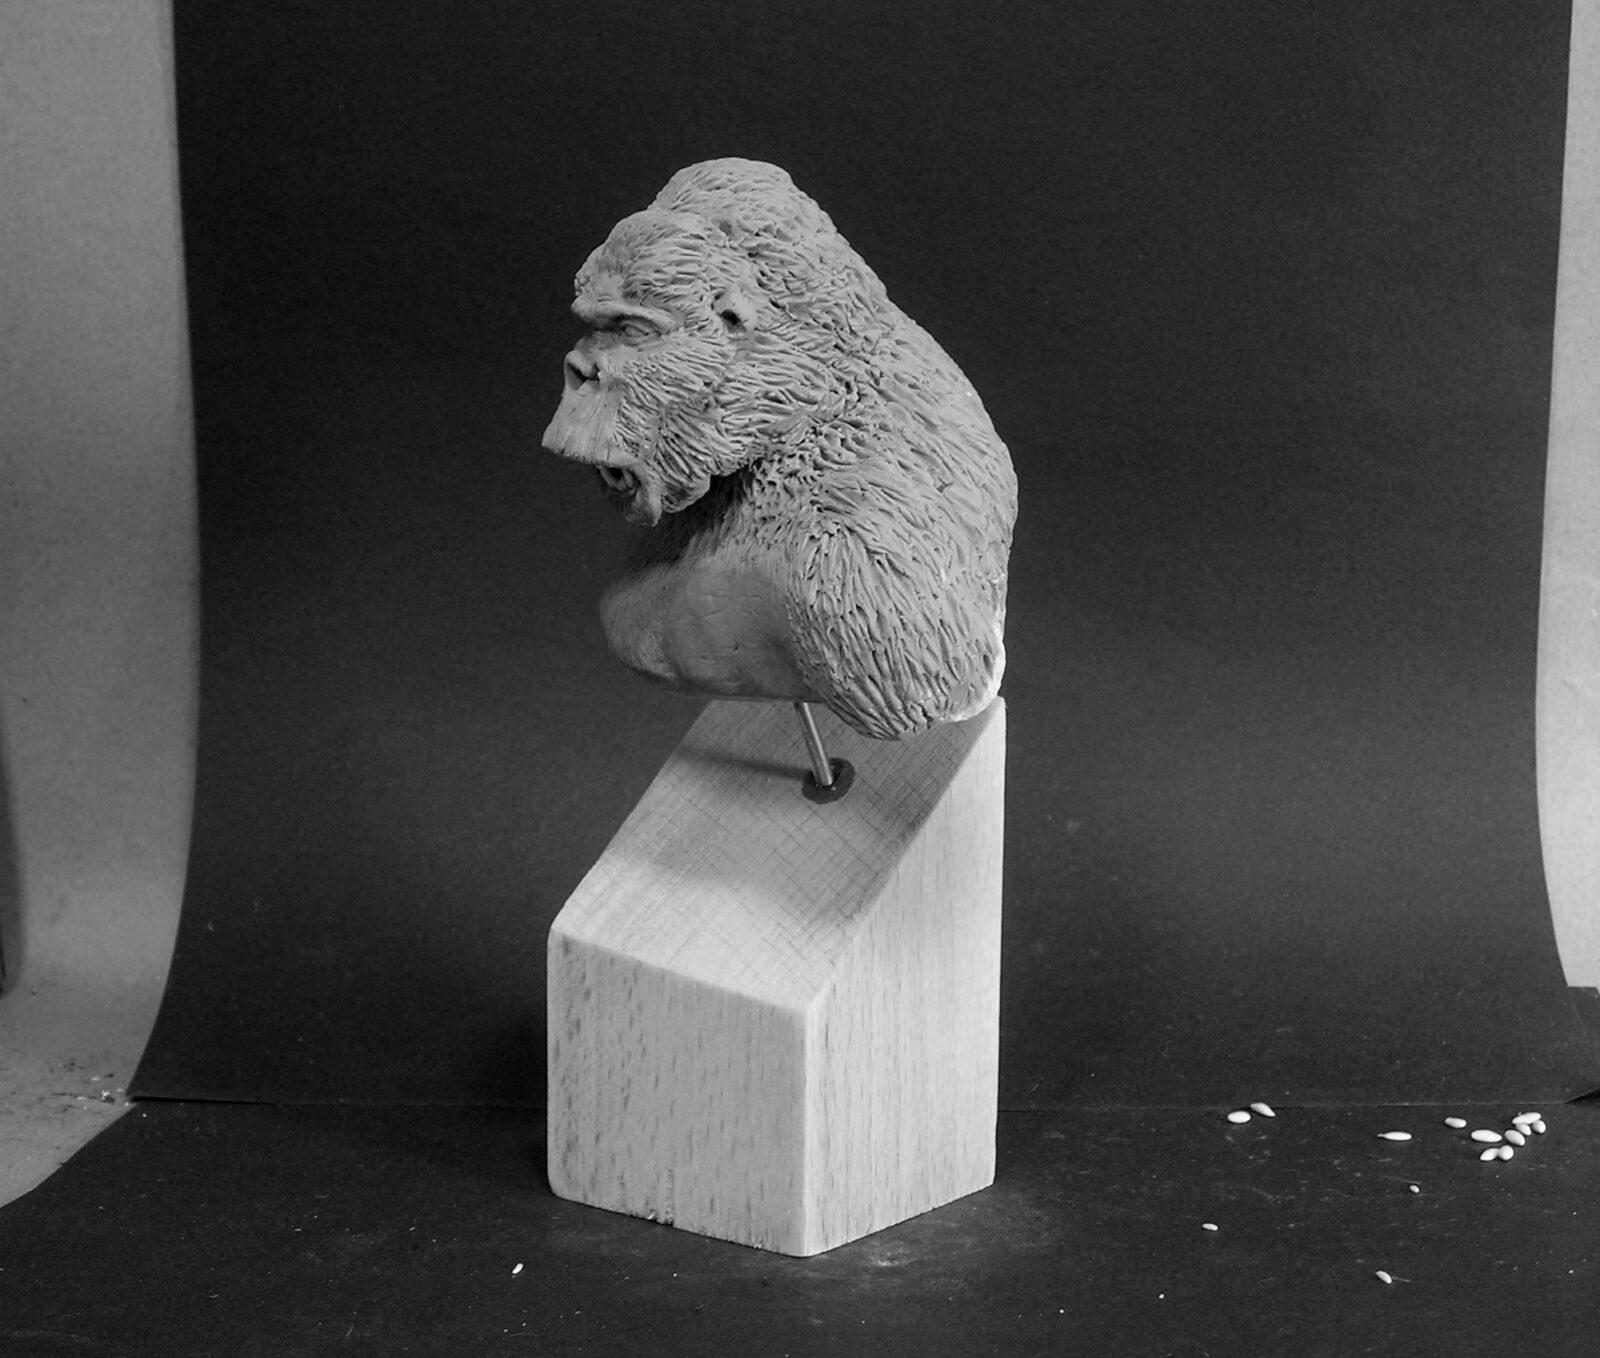 Gorilla03